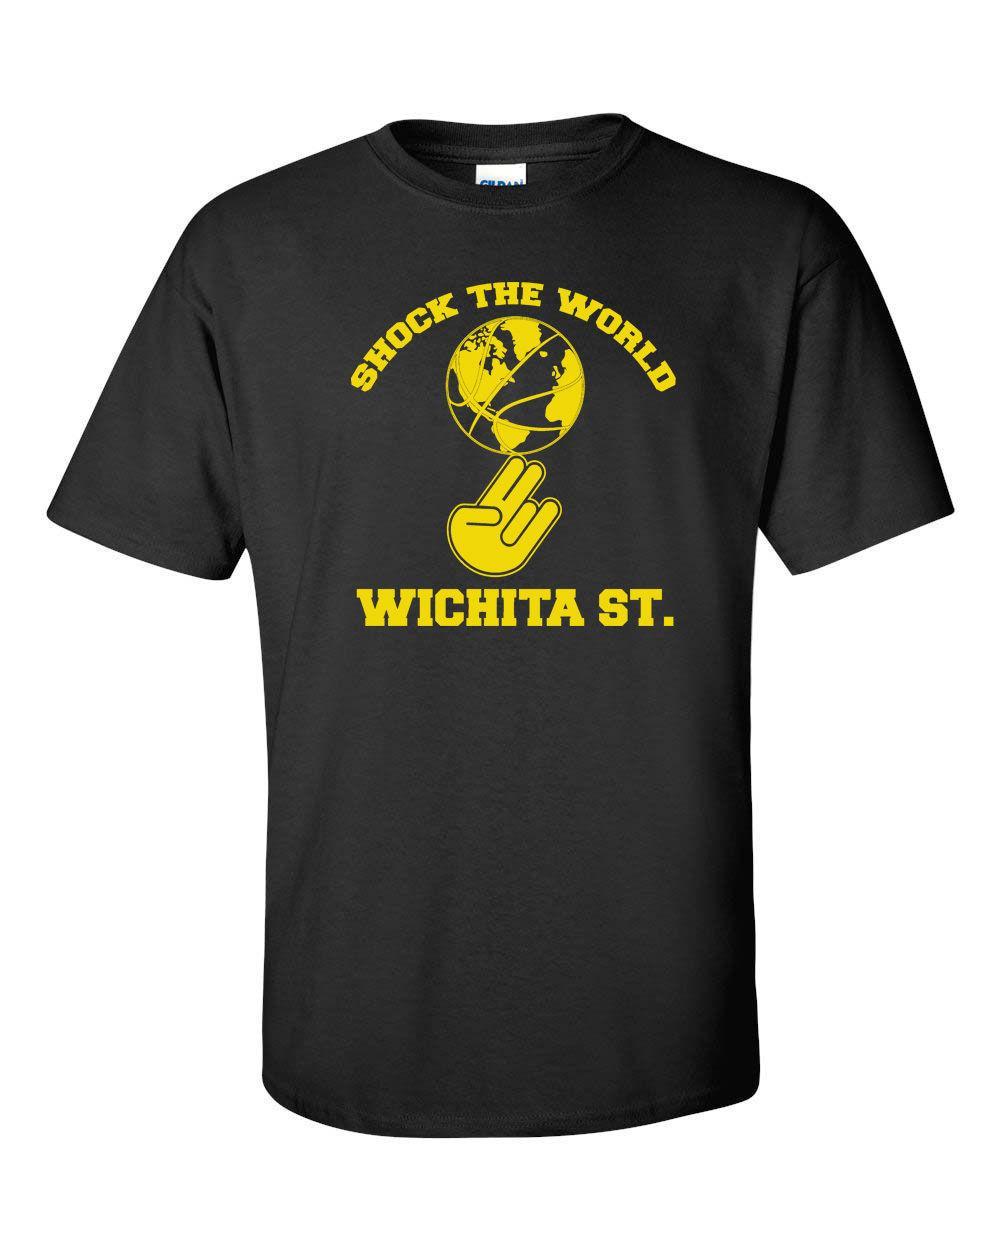 Brand New 2019 Sommermens Short WICHITA STATE SHOCKERS Shock The World Undefeated Jahreszeit Männer Cute T Shirts